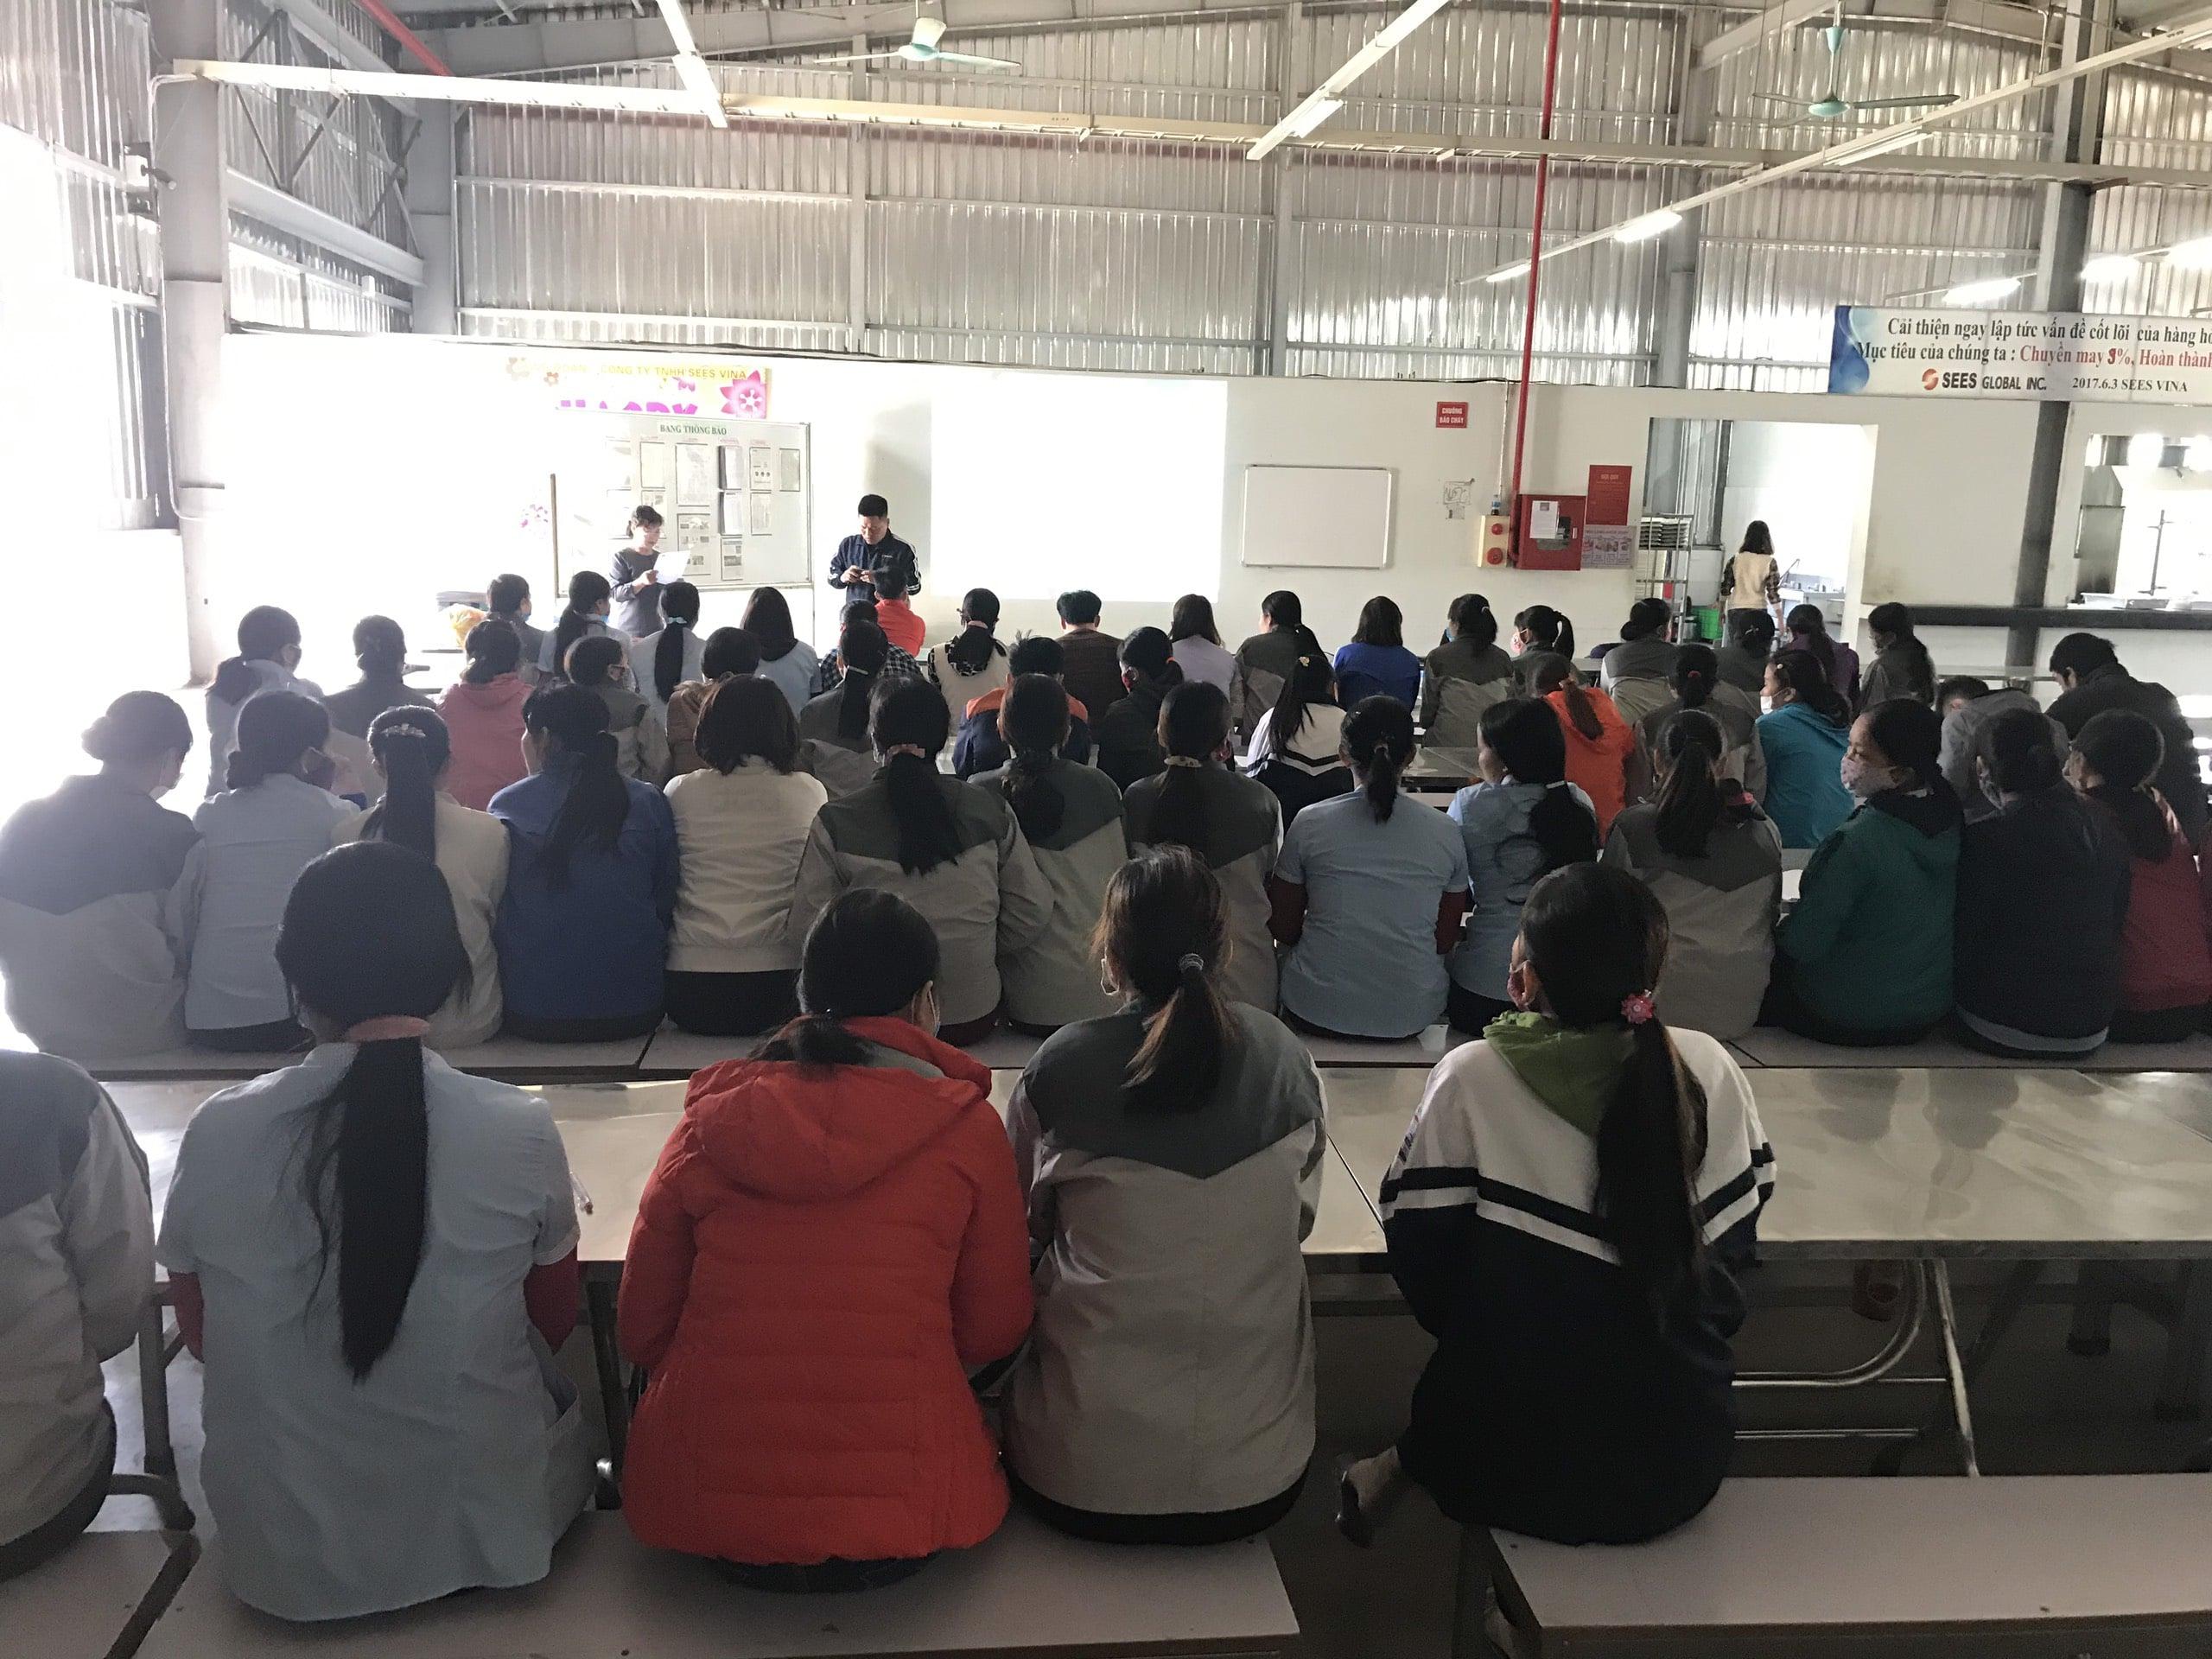 Huấn luyện an toàn, vệ sinh lao động tại Công ty TNHH Sees vina năm 2019